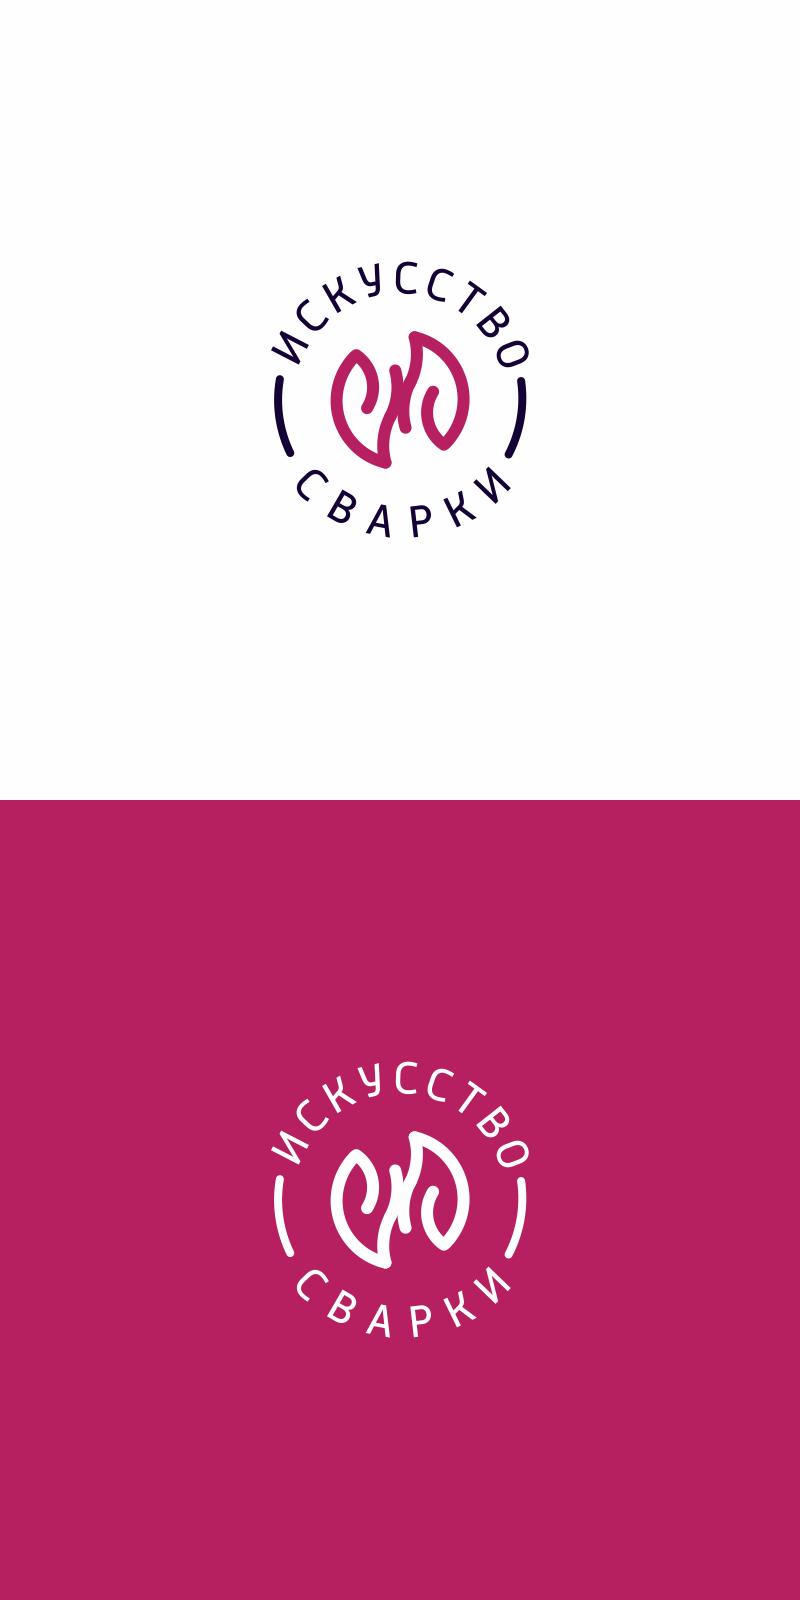 Разработка логотипа для Конкурса фото f_6995f70dc1675b02.png